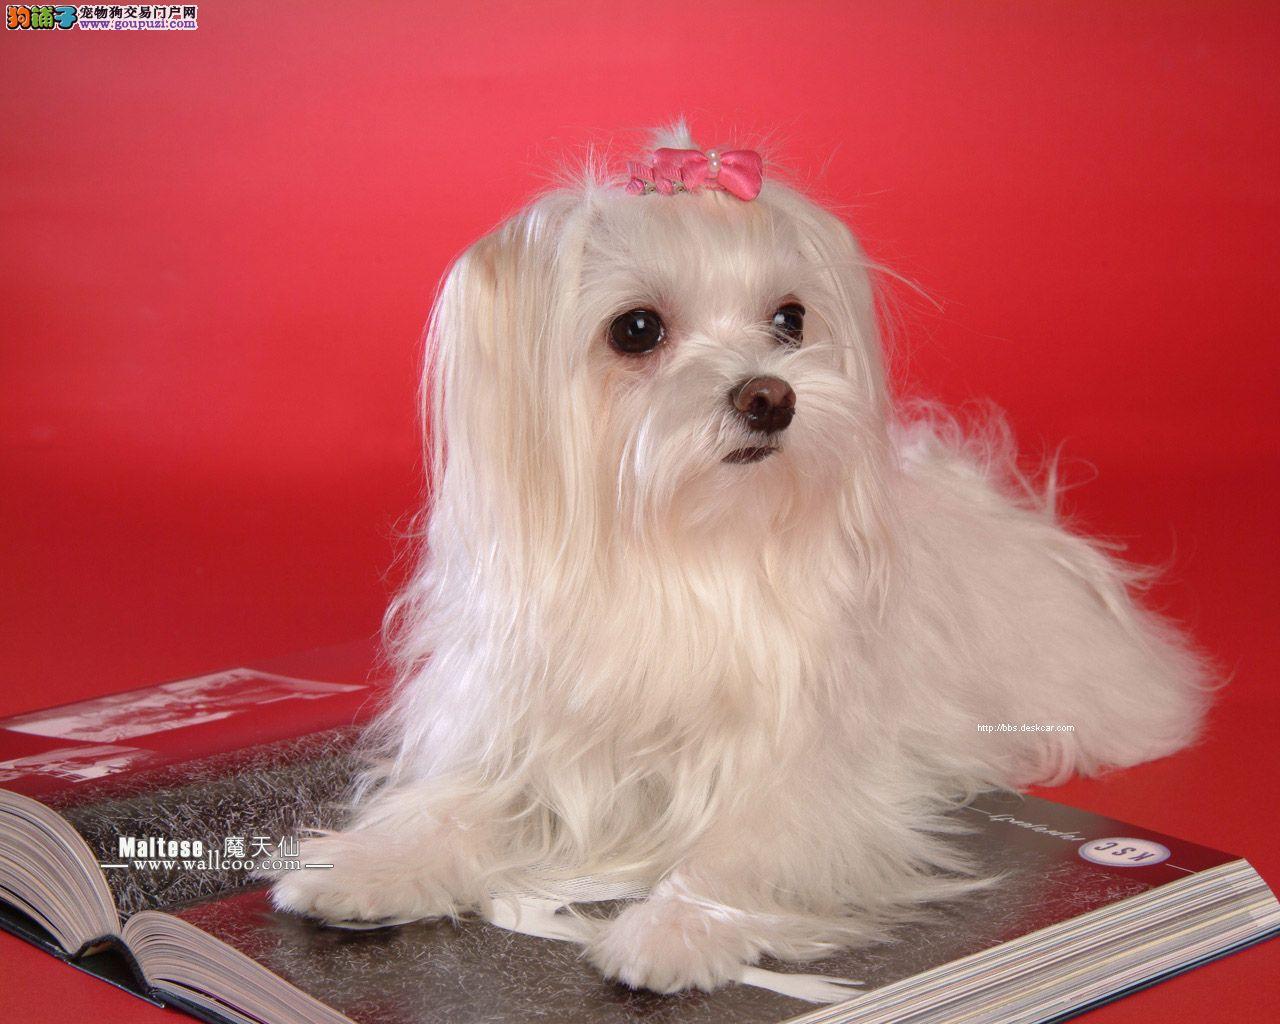 玛尔济斯犬的特征是被毛漂亮美丽容易饲养照料的犬种